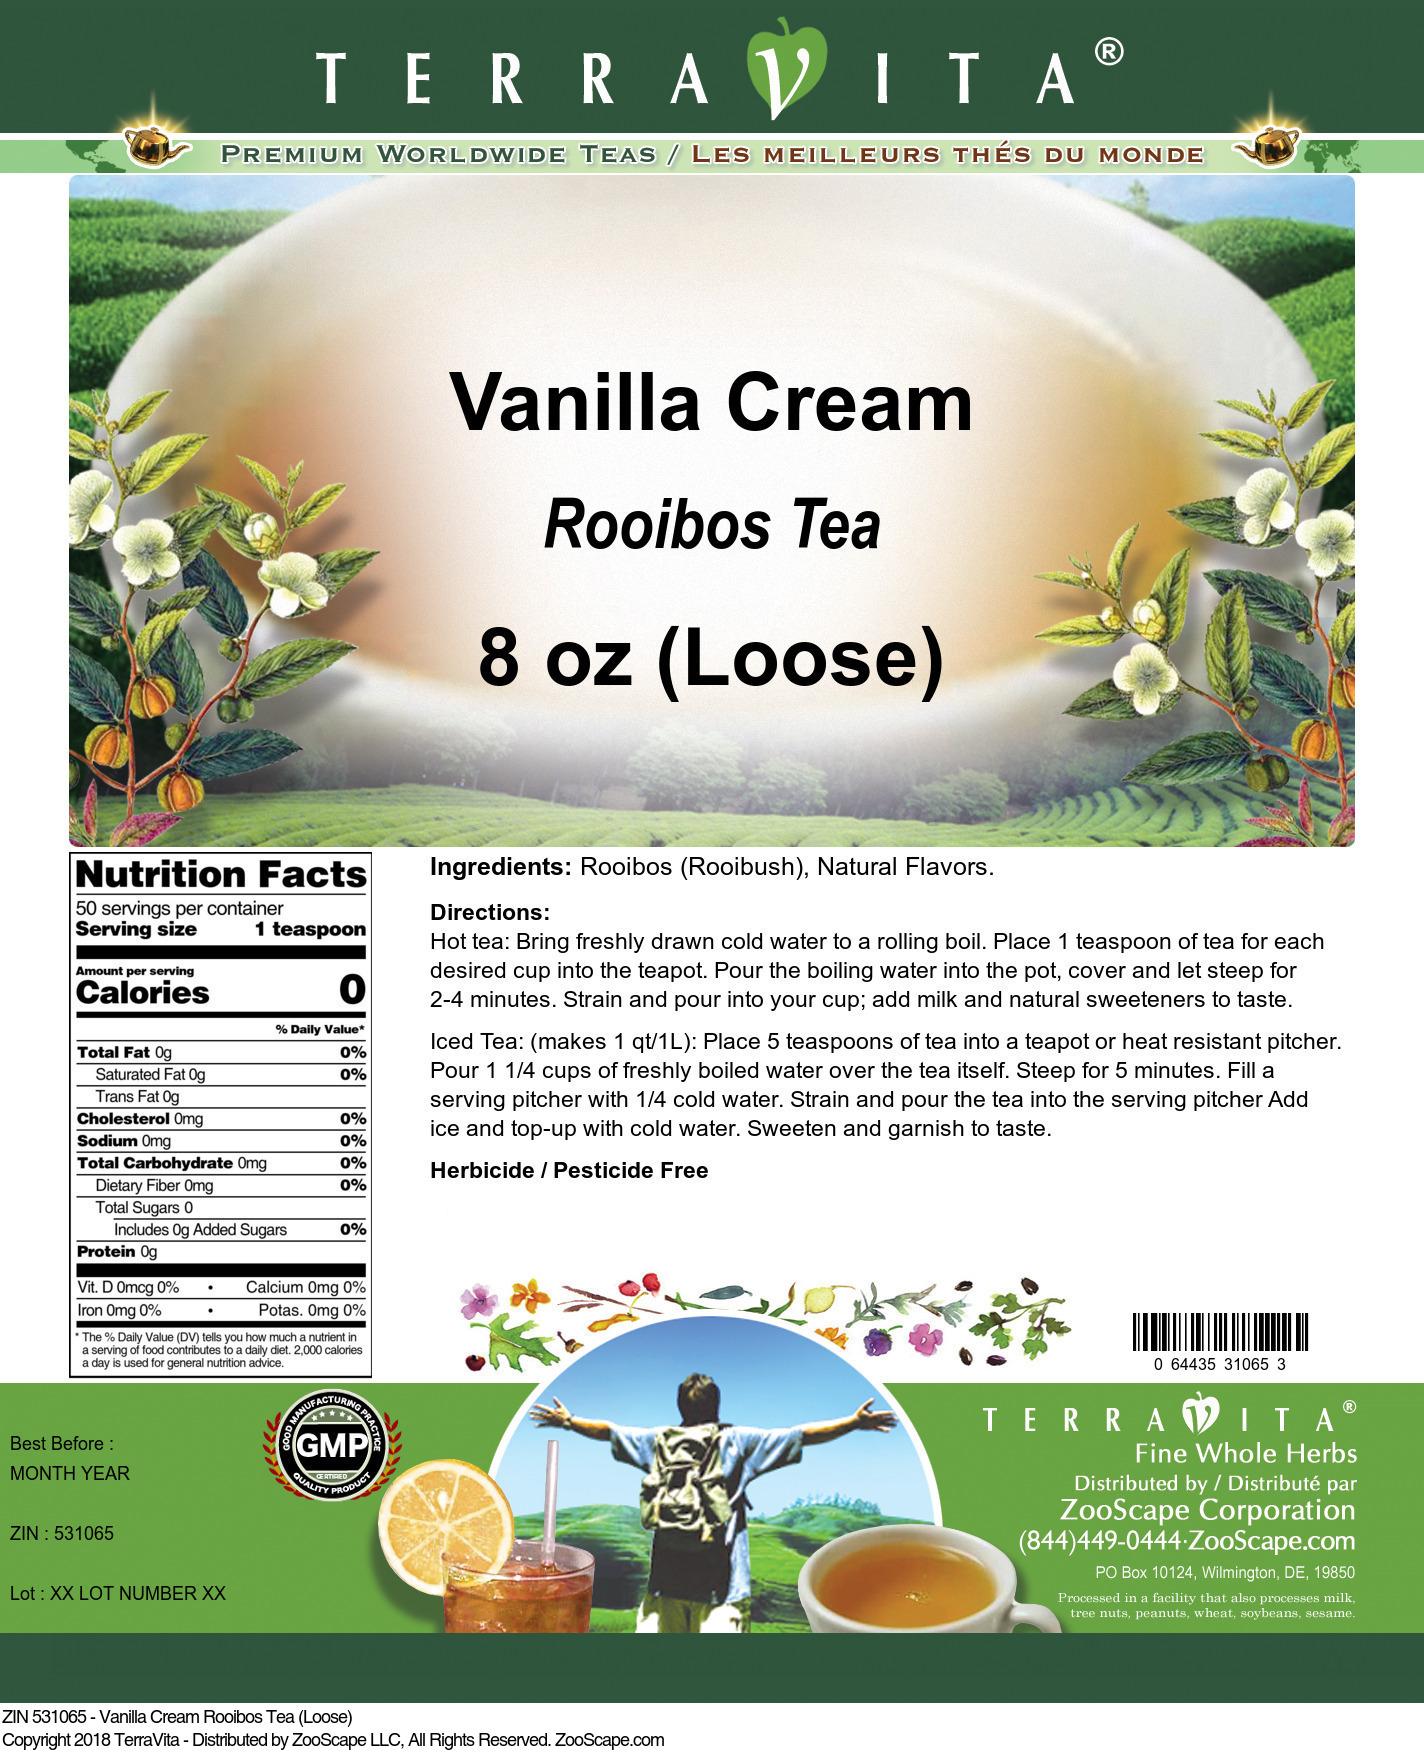 Vanilla Cream Rooibos Tea